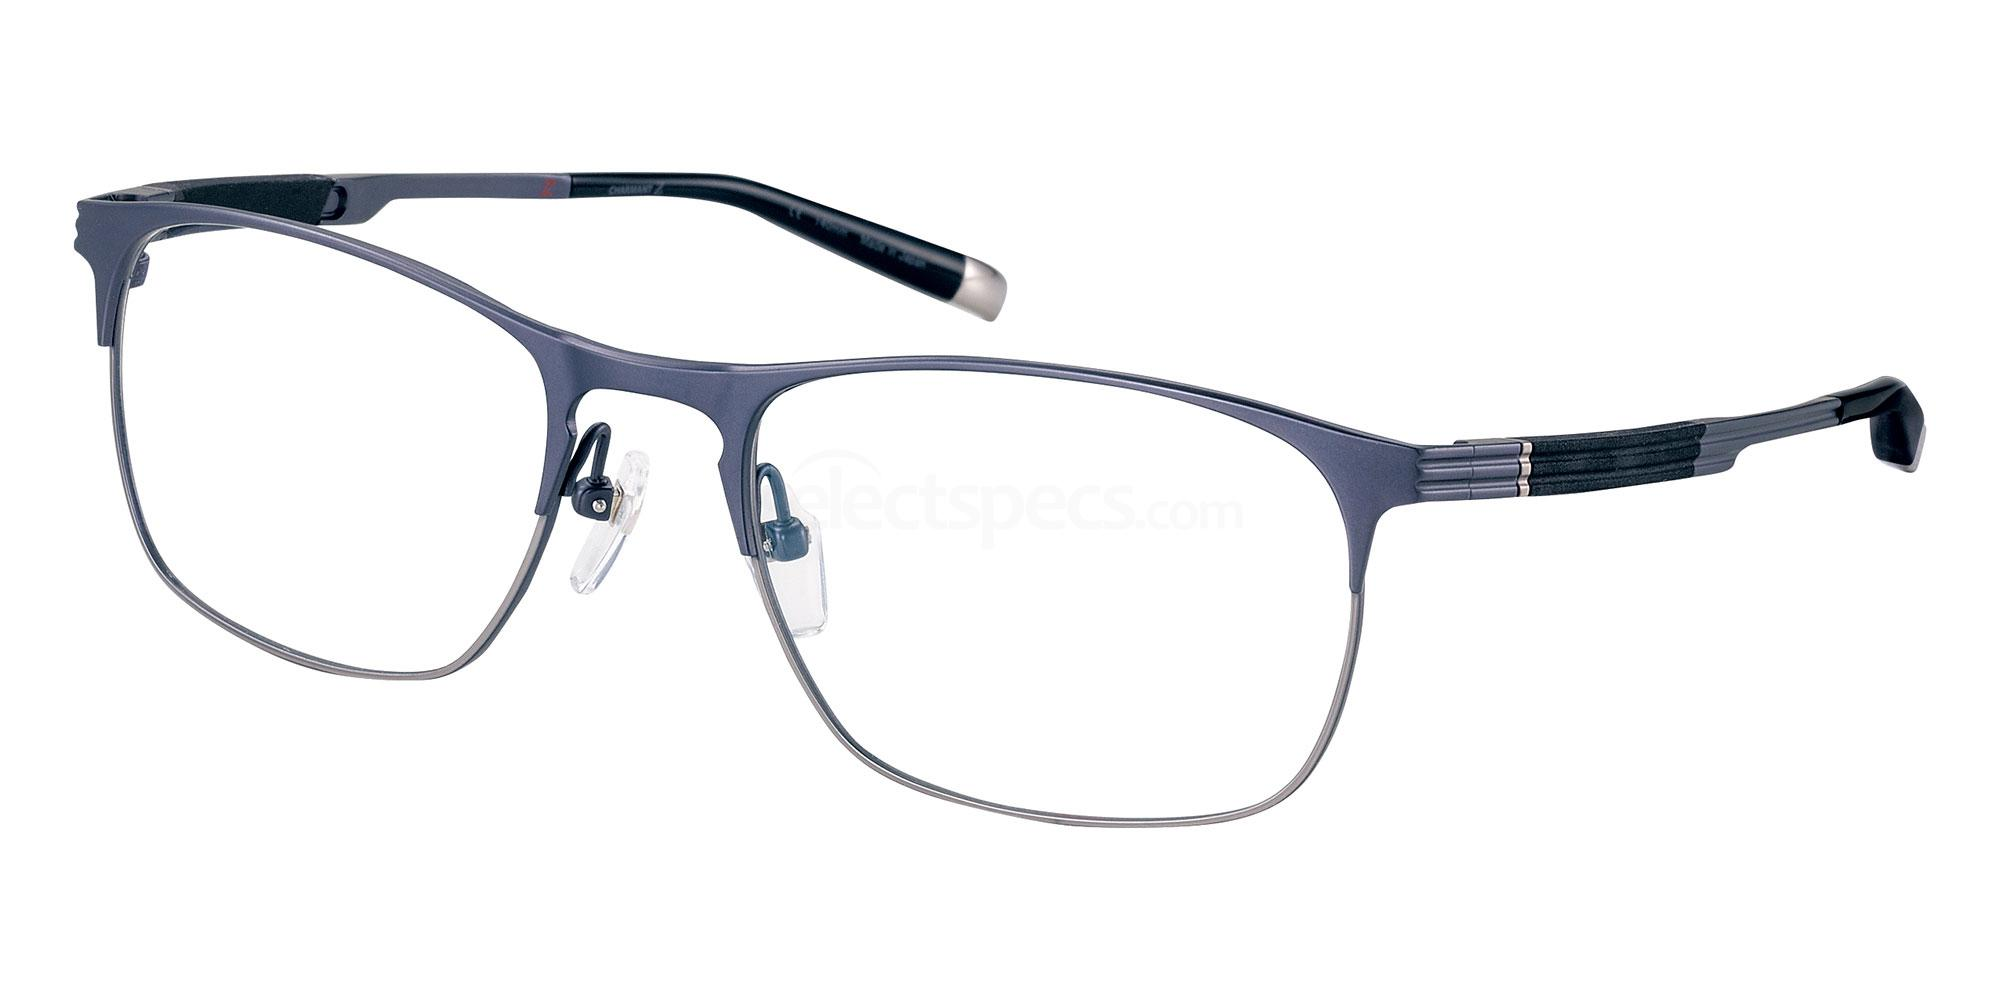 BL ZT19877 Glasses, Charmant Z